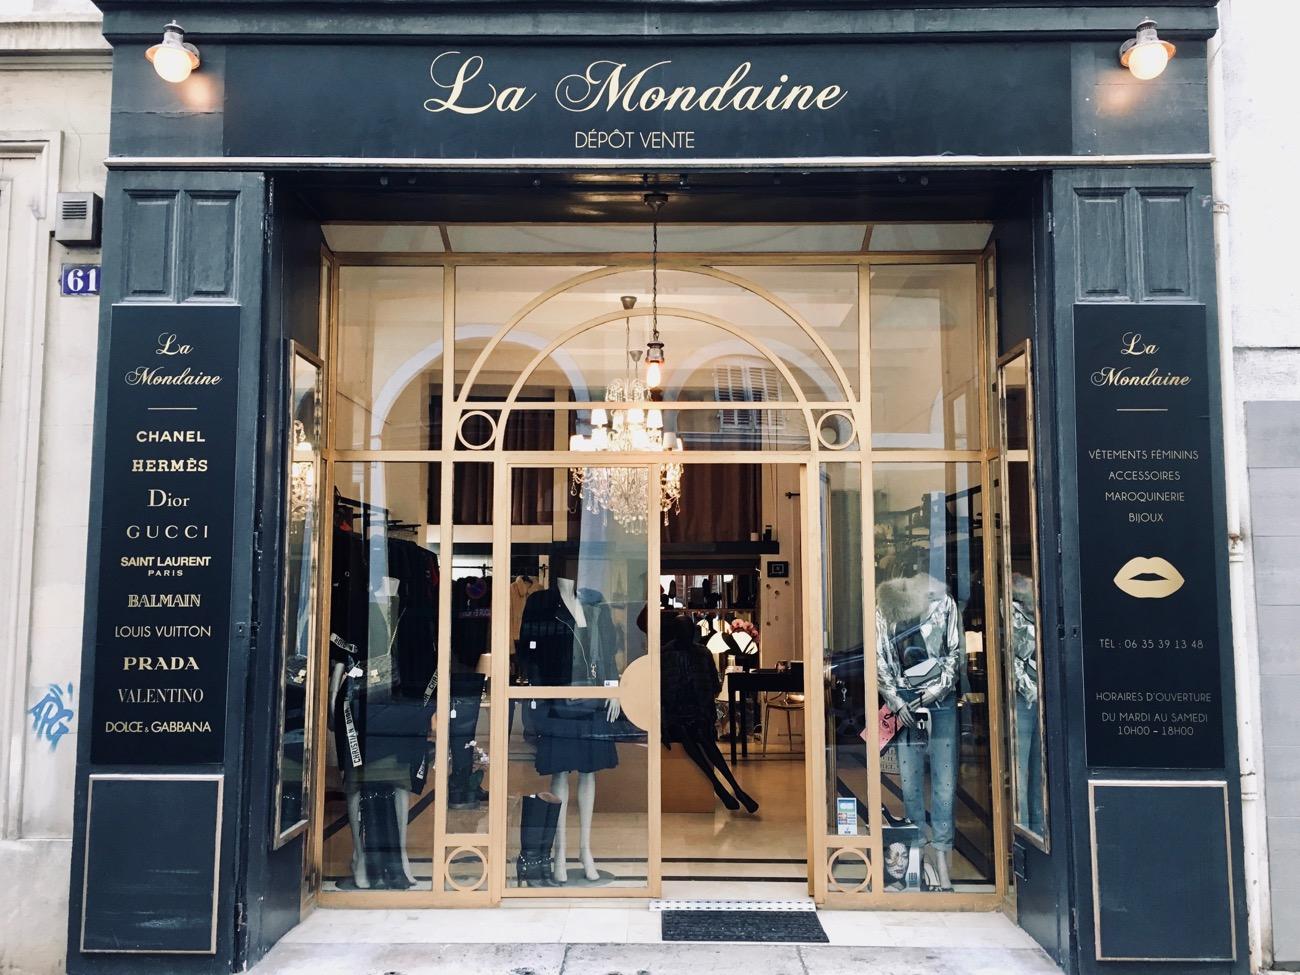 24b8b09a81 Tout ce qui fait la mode féminine est présent dans la boutique :  accessoires (sacs, gants, lunettes écharpes, chaussures), manteaux,  fourrures, robes, ...